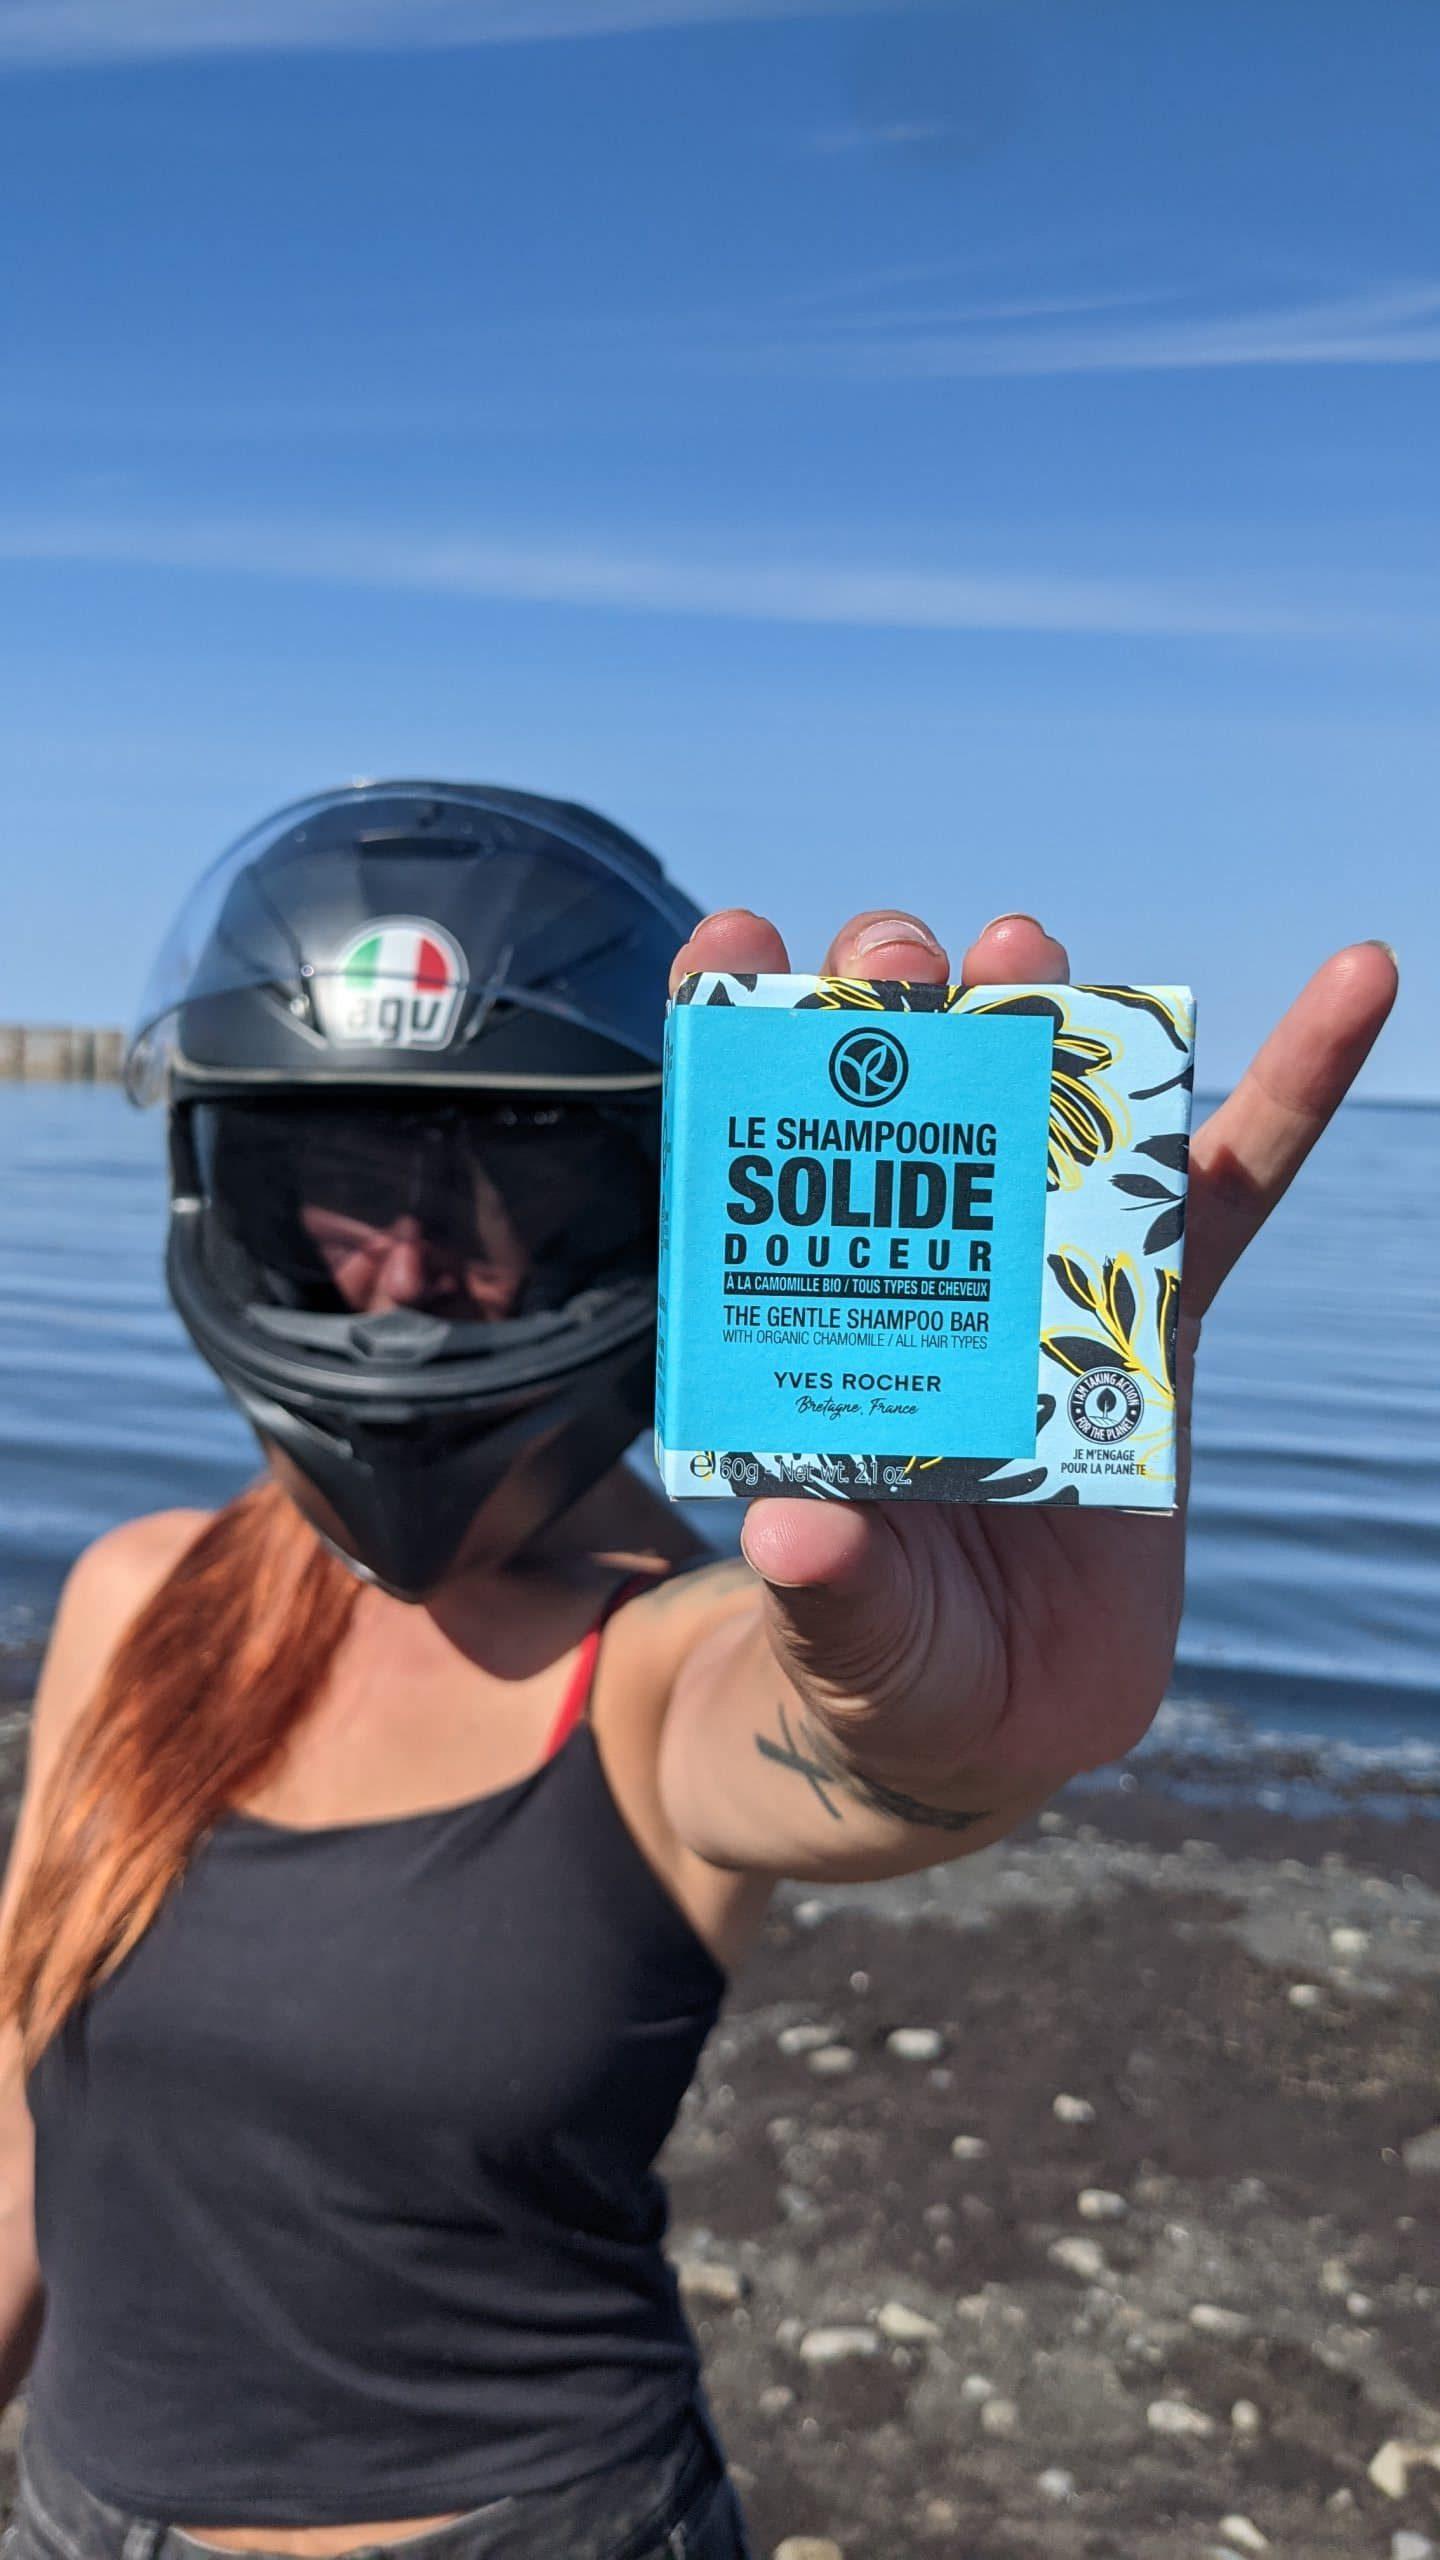 Le shampooing solide Yves Rocher est idéal pour un roadtrip à moto !